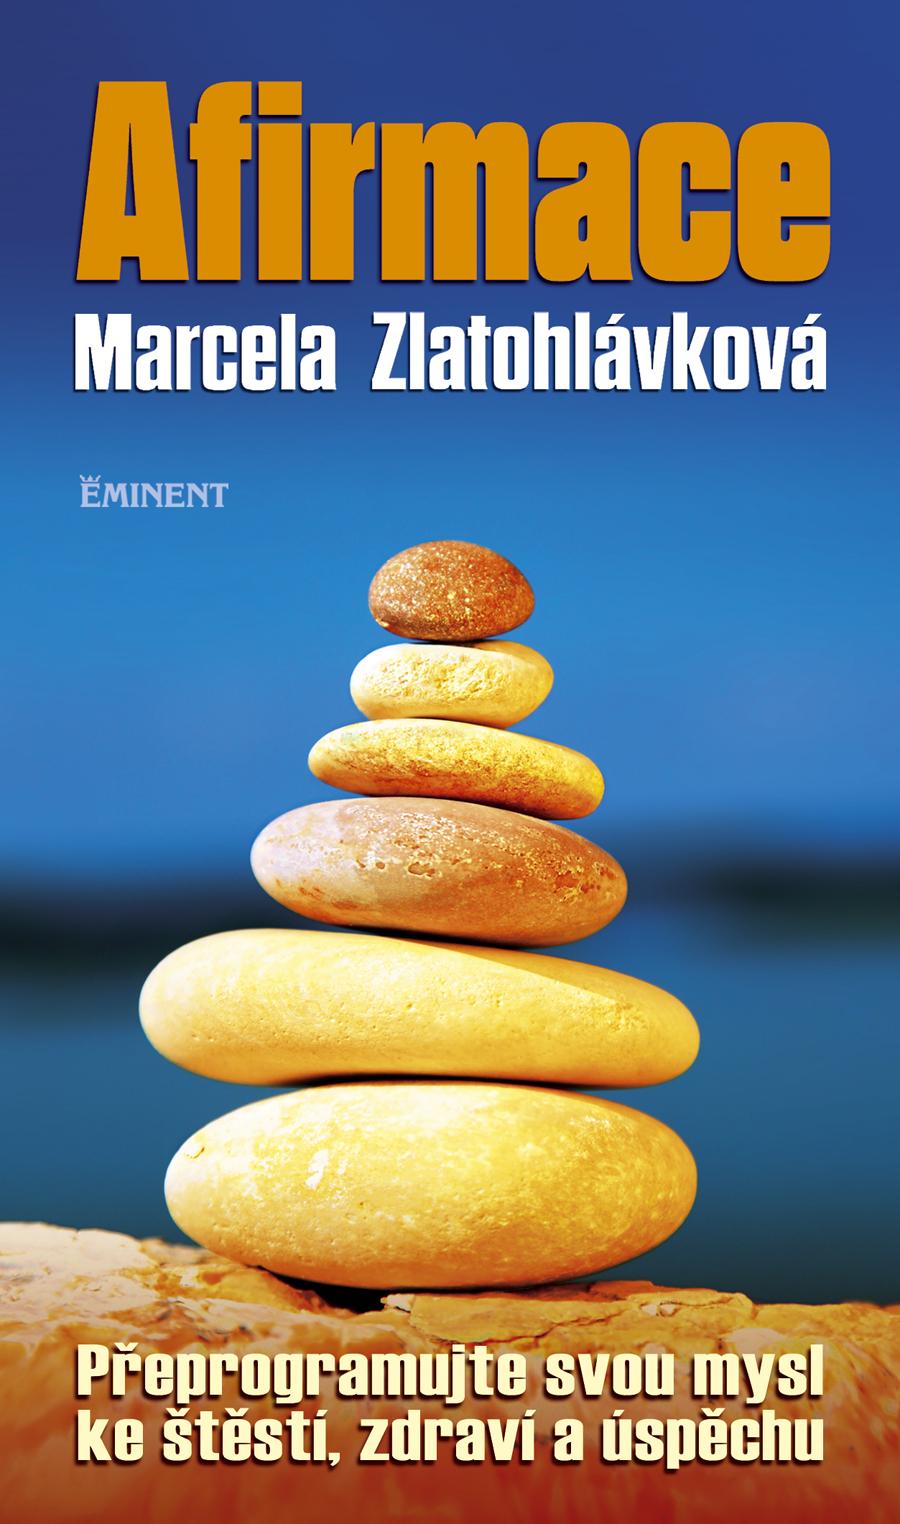 Afirmace - Přeprogramujte svou mysl ke štěstí, zdraví a úspěchu